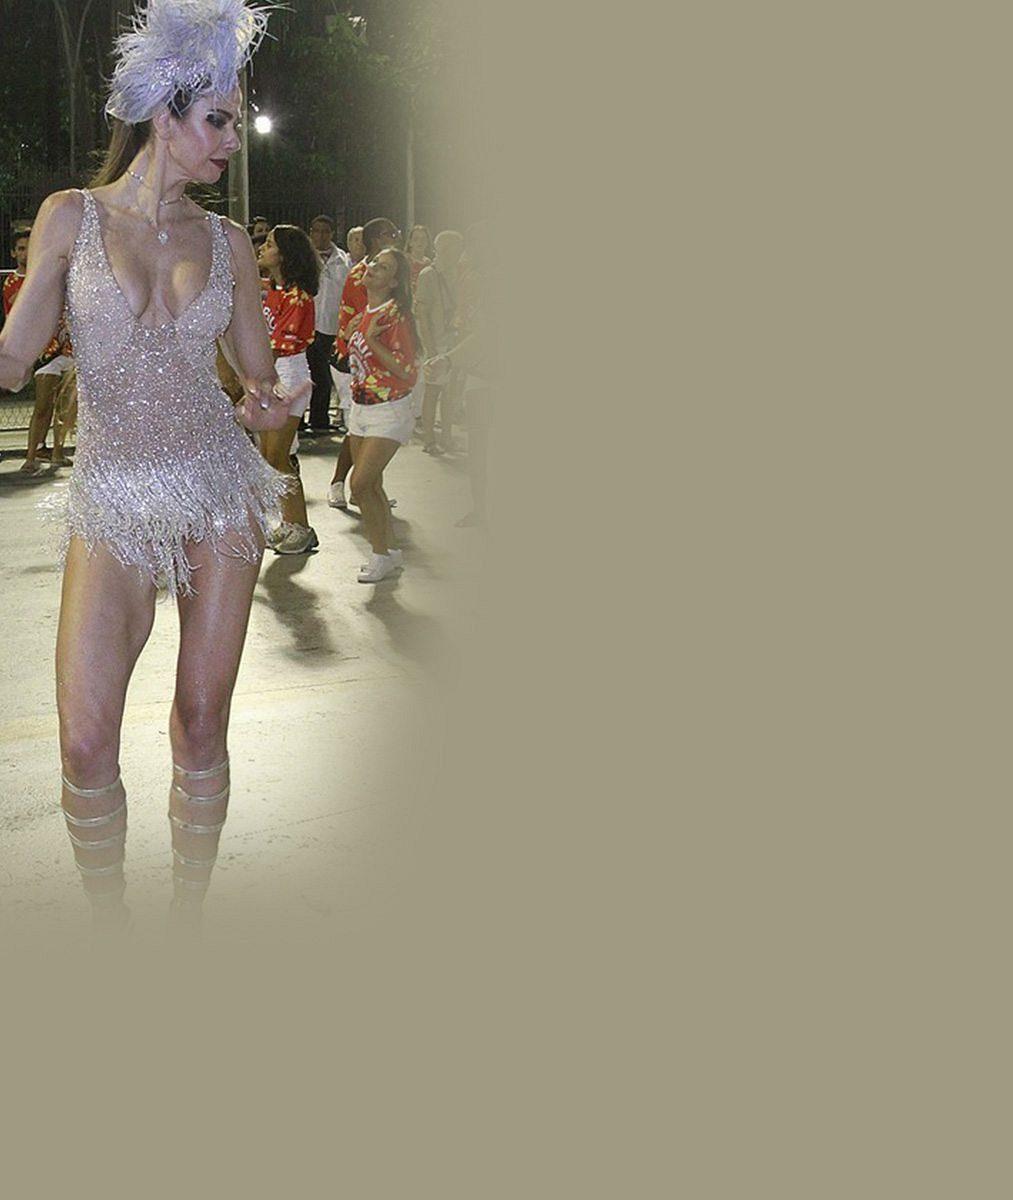 Páni! Matka syna Micka Jaggera (47) rozvlnila své božské křivky na karnevalu v Riu